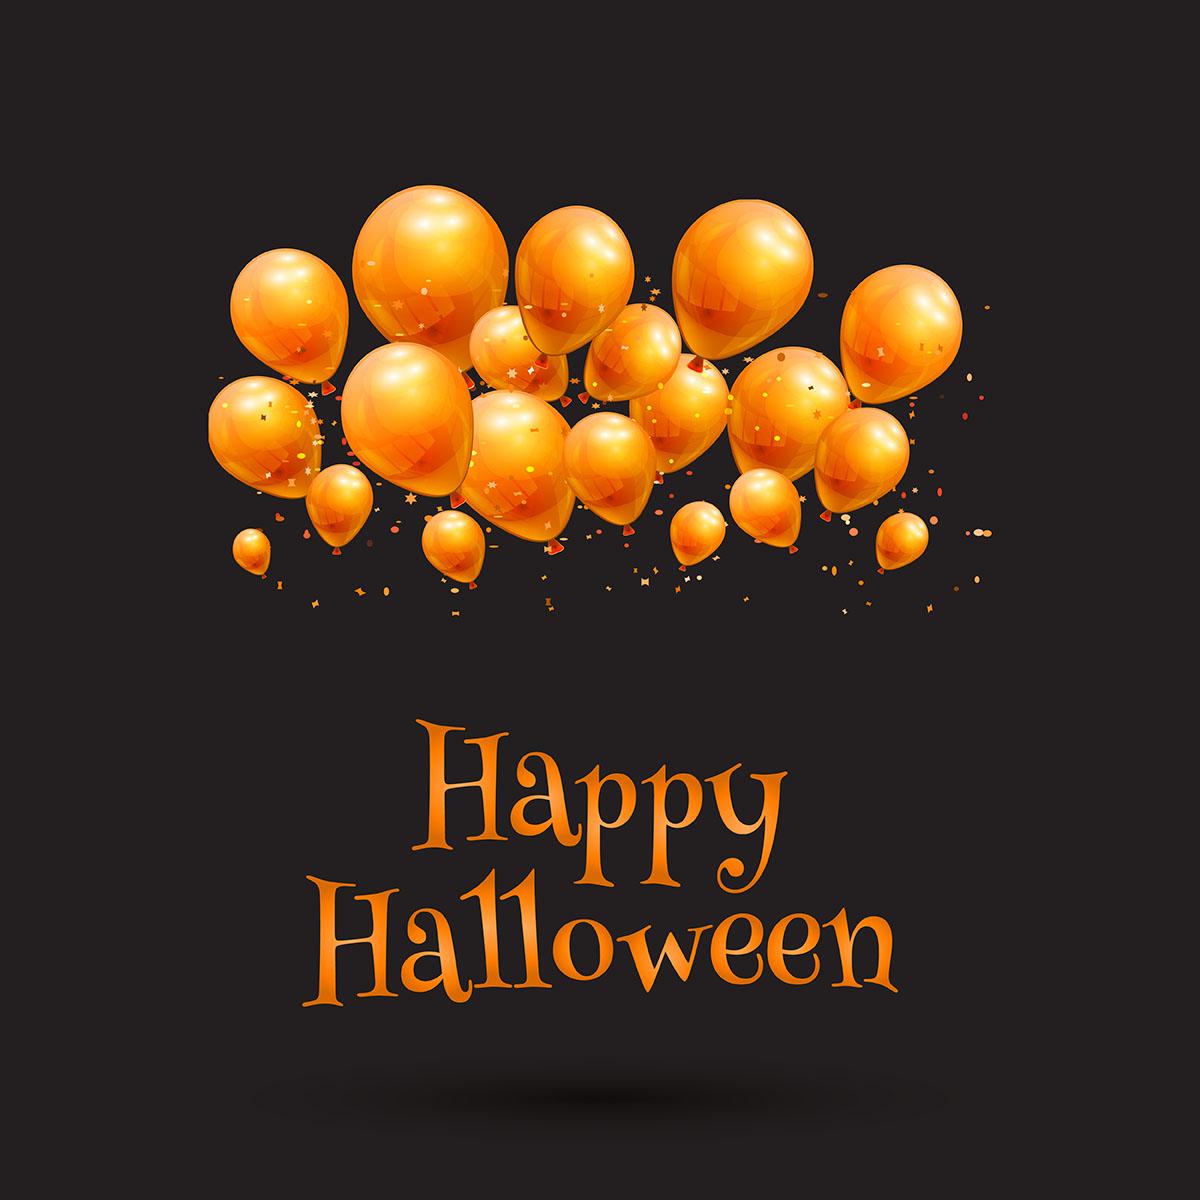 Happy Halloween Balloon Background Download Free Vectors